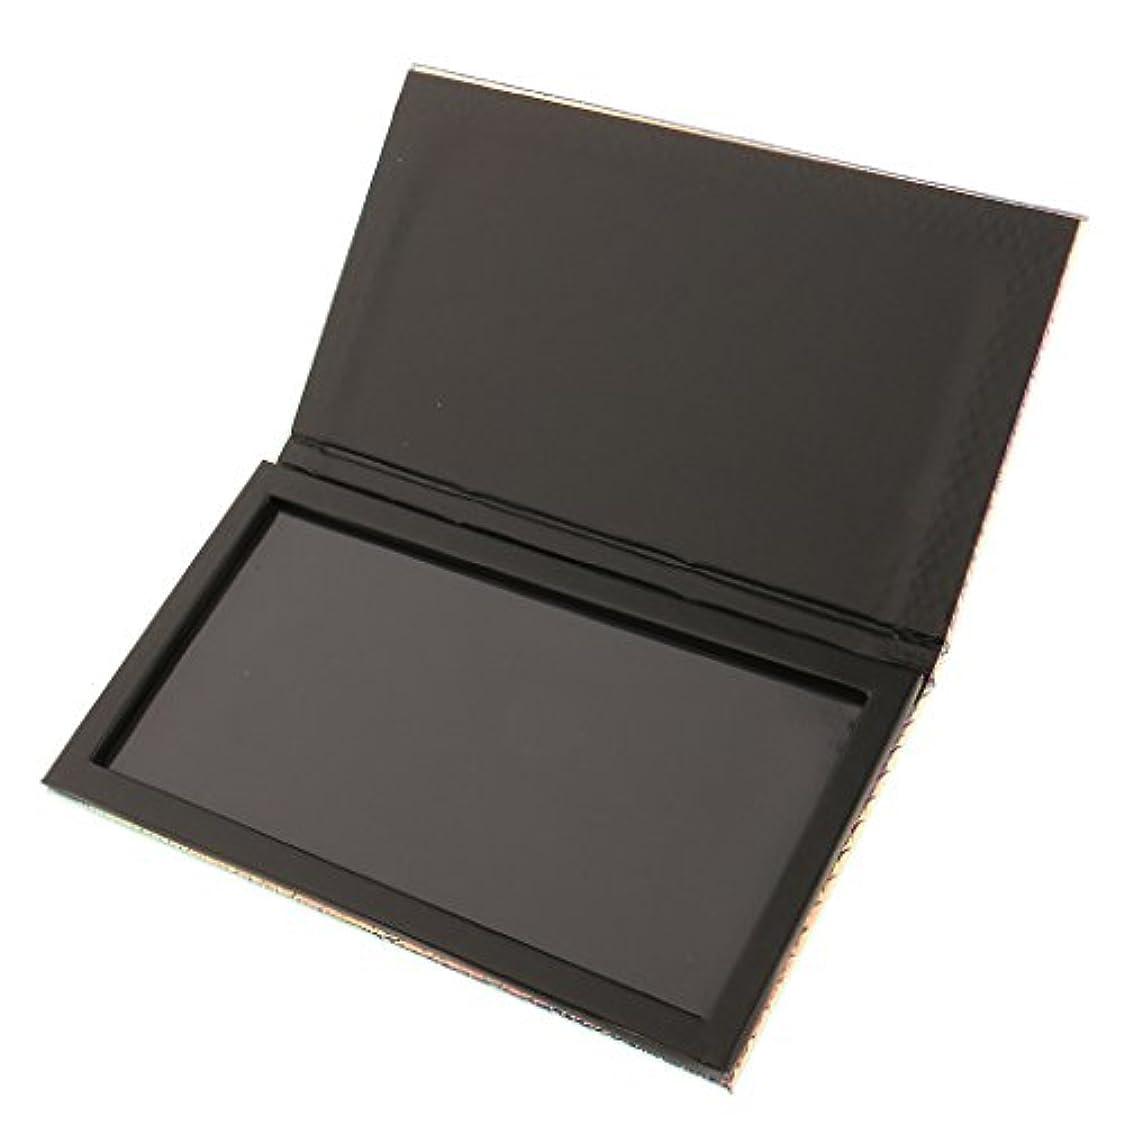 かまど考古学カリング磁気パレットボックス 空の磁気パレット 化粧品ケース メイクアップ コスメ 収納 ボックス 旅行 出張 化粧品DIY 全2サイズ選べ - 18x10cm